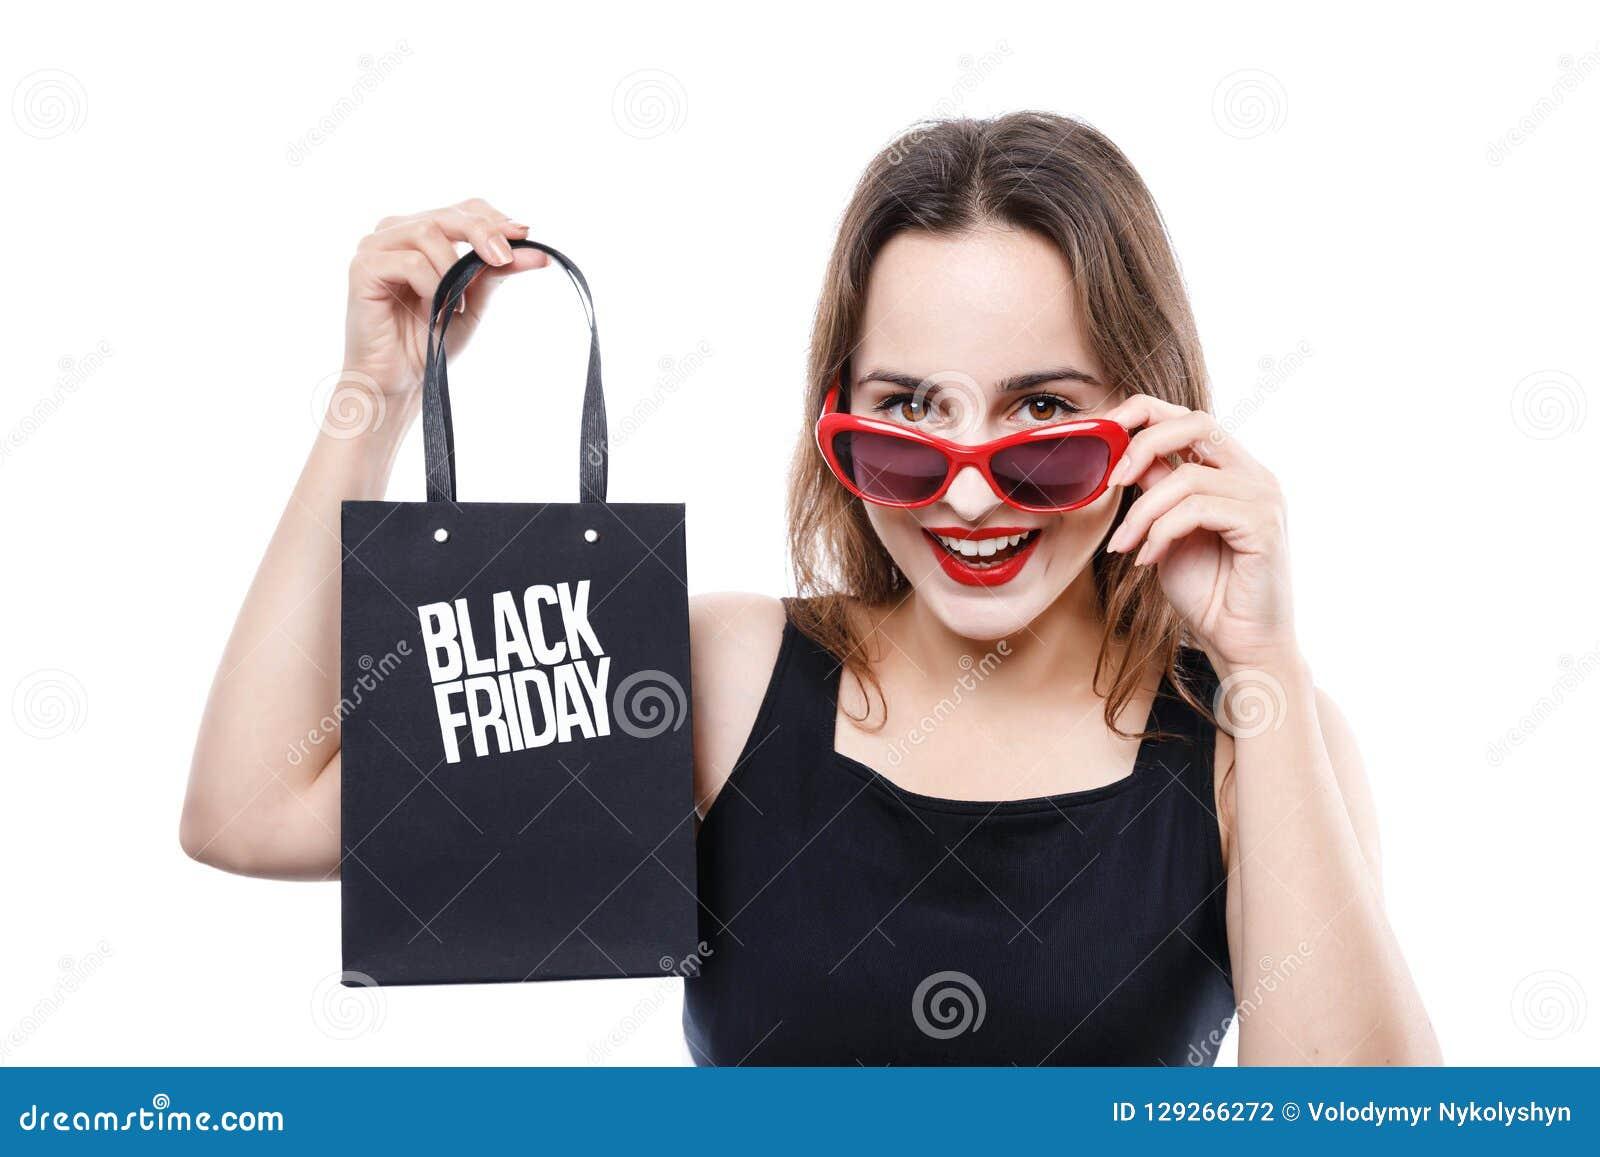 显示黑星期五购物袋的时髦的逗人喜爱的女孩